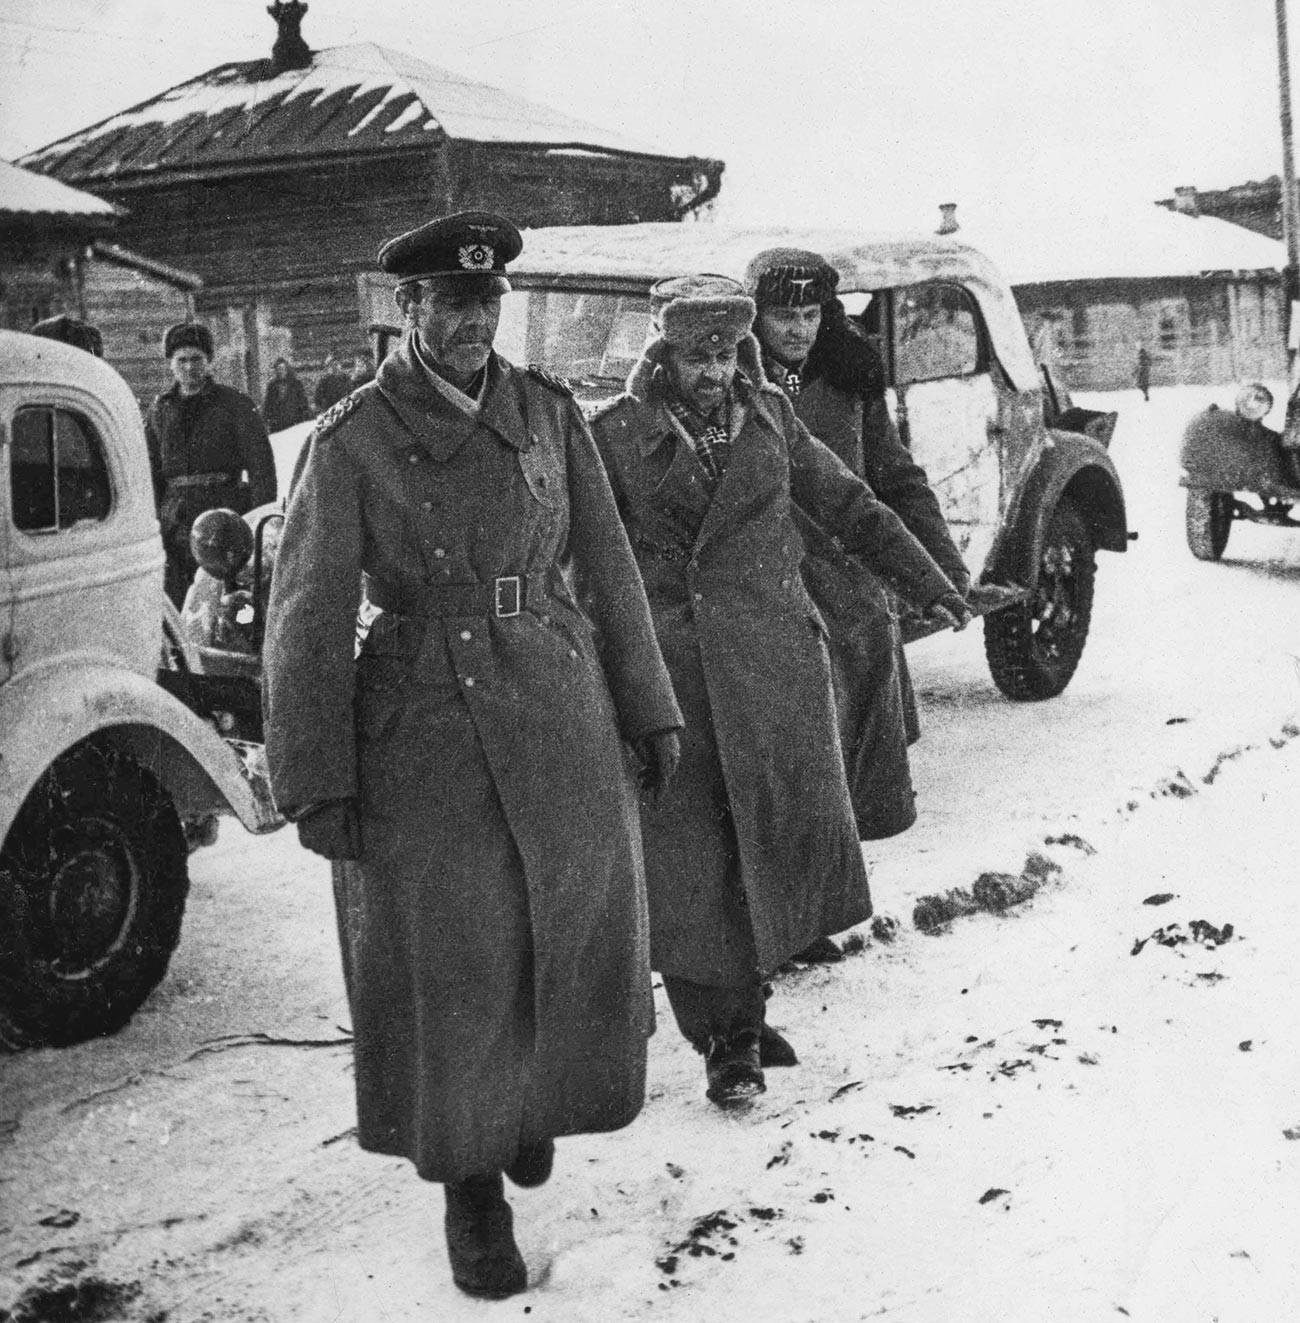 In Stalingrad gefangen genommen: Feldmarschall Friedrich Paulus und seine Soldaten